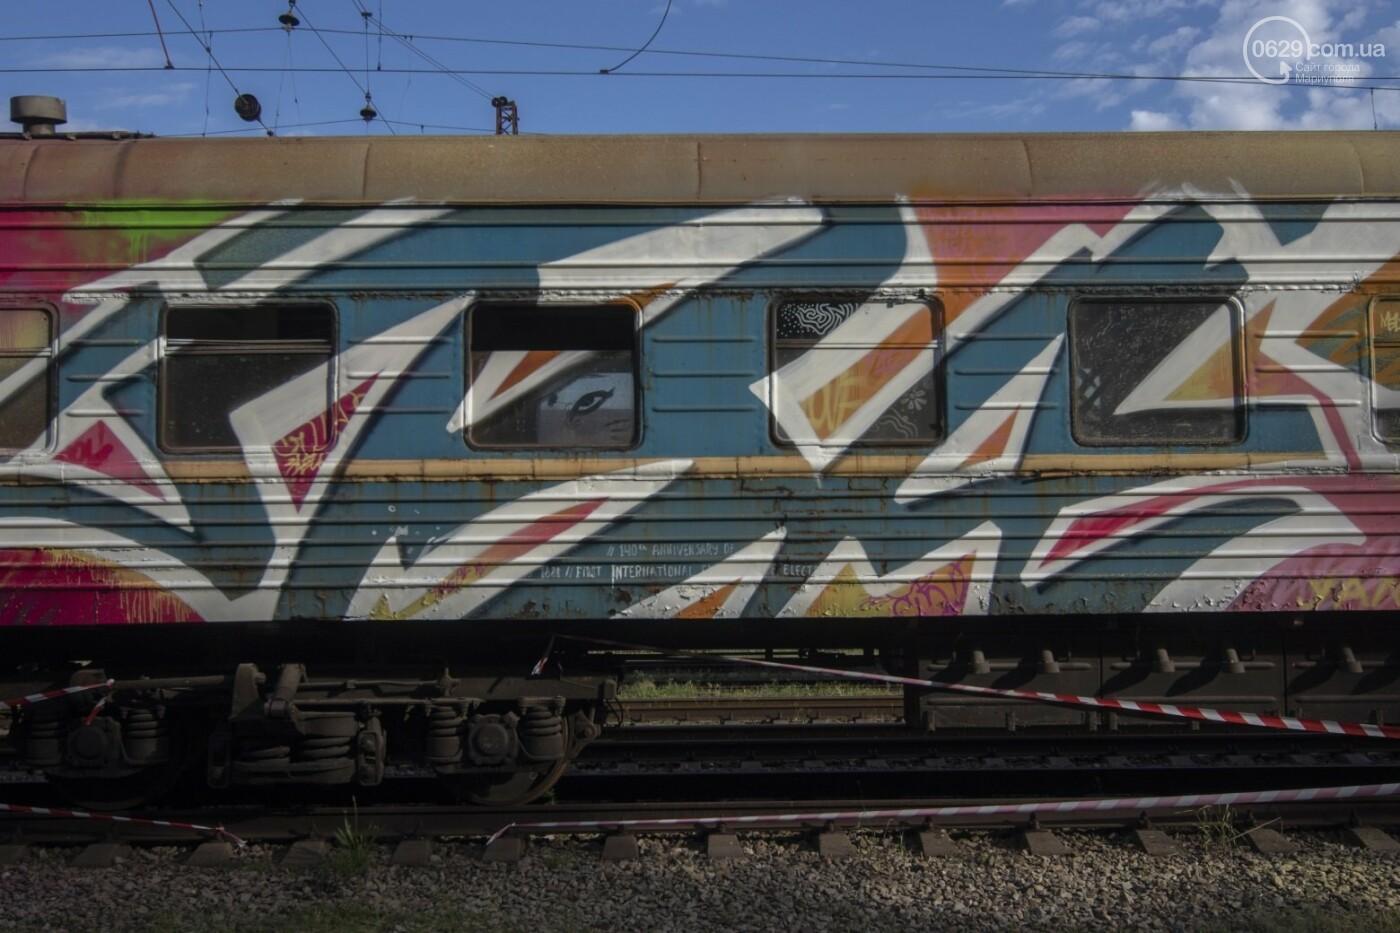 Во что превратили художники старый железнодорожный состав в Мариуполе. 33 фотографии! , фото-3